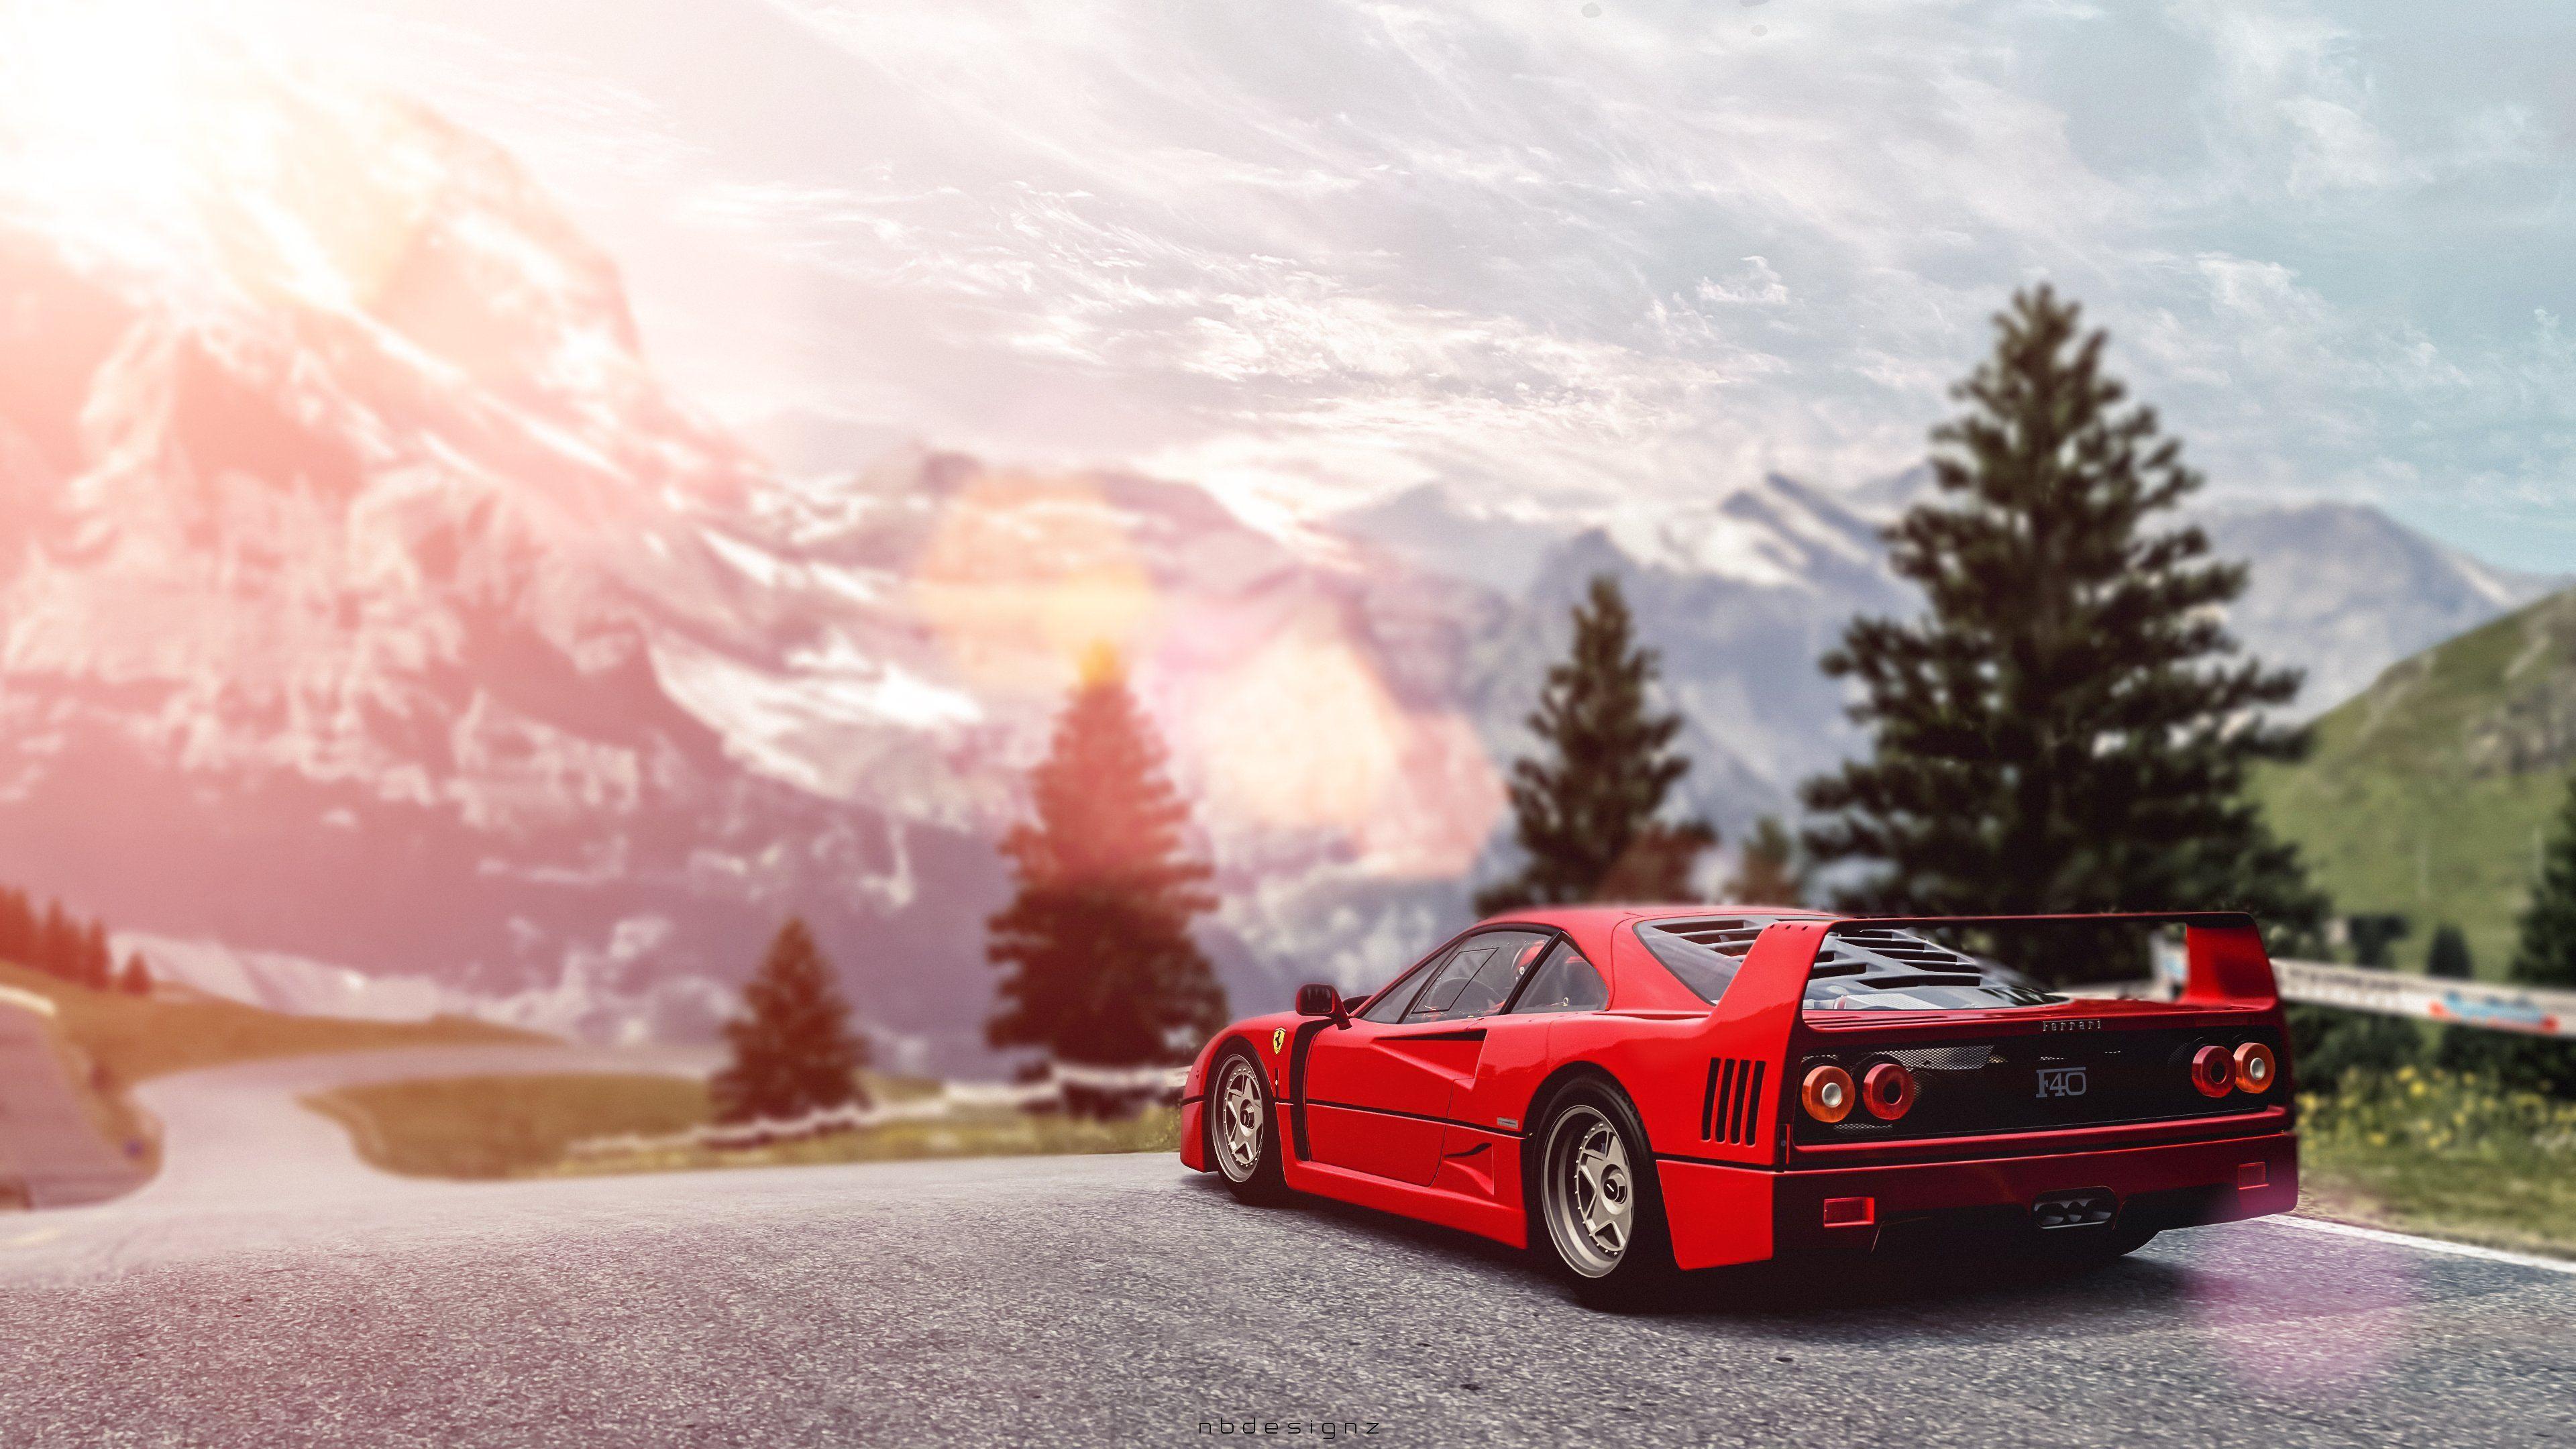 Ferrari F40 Wallpapers , Wallpaper Cave